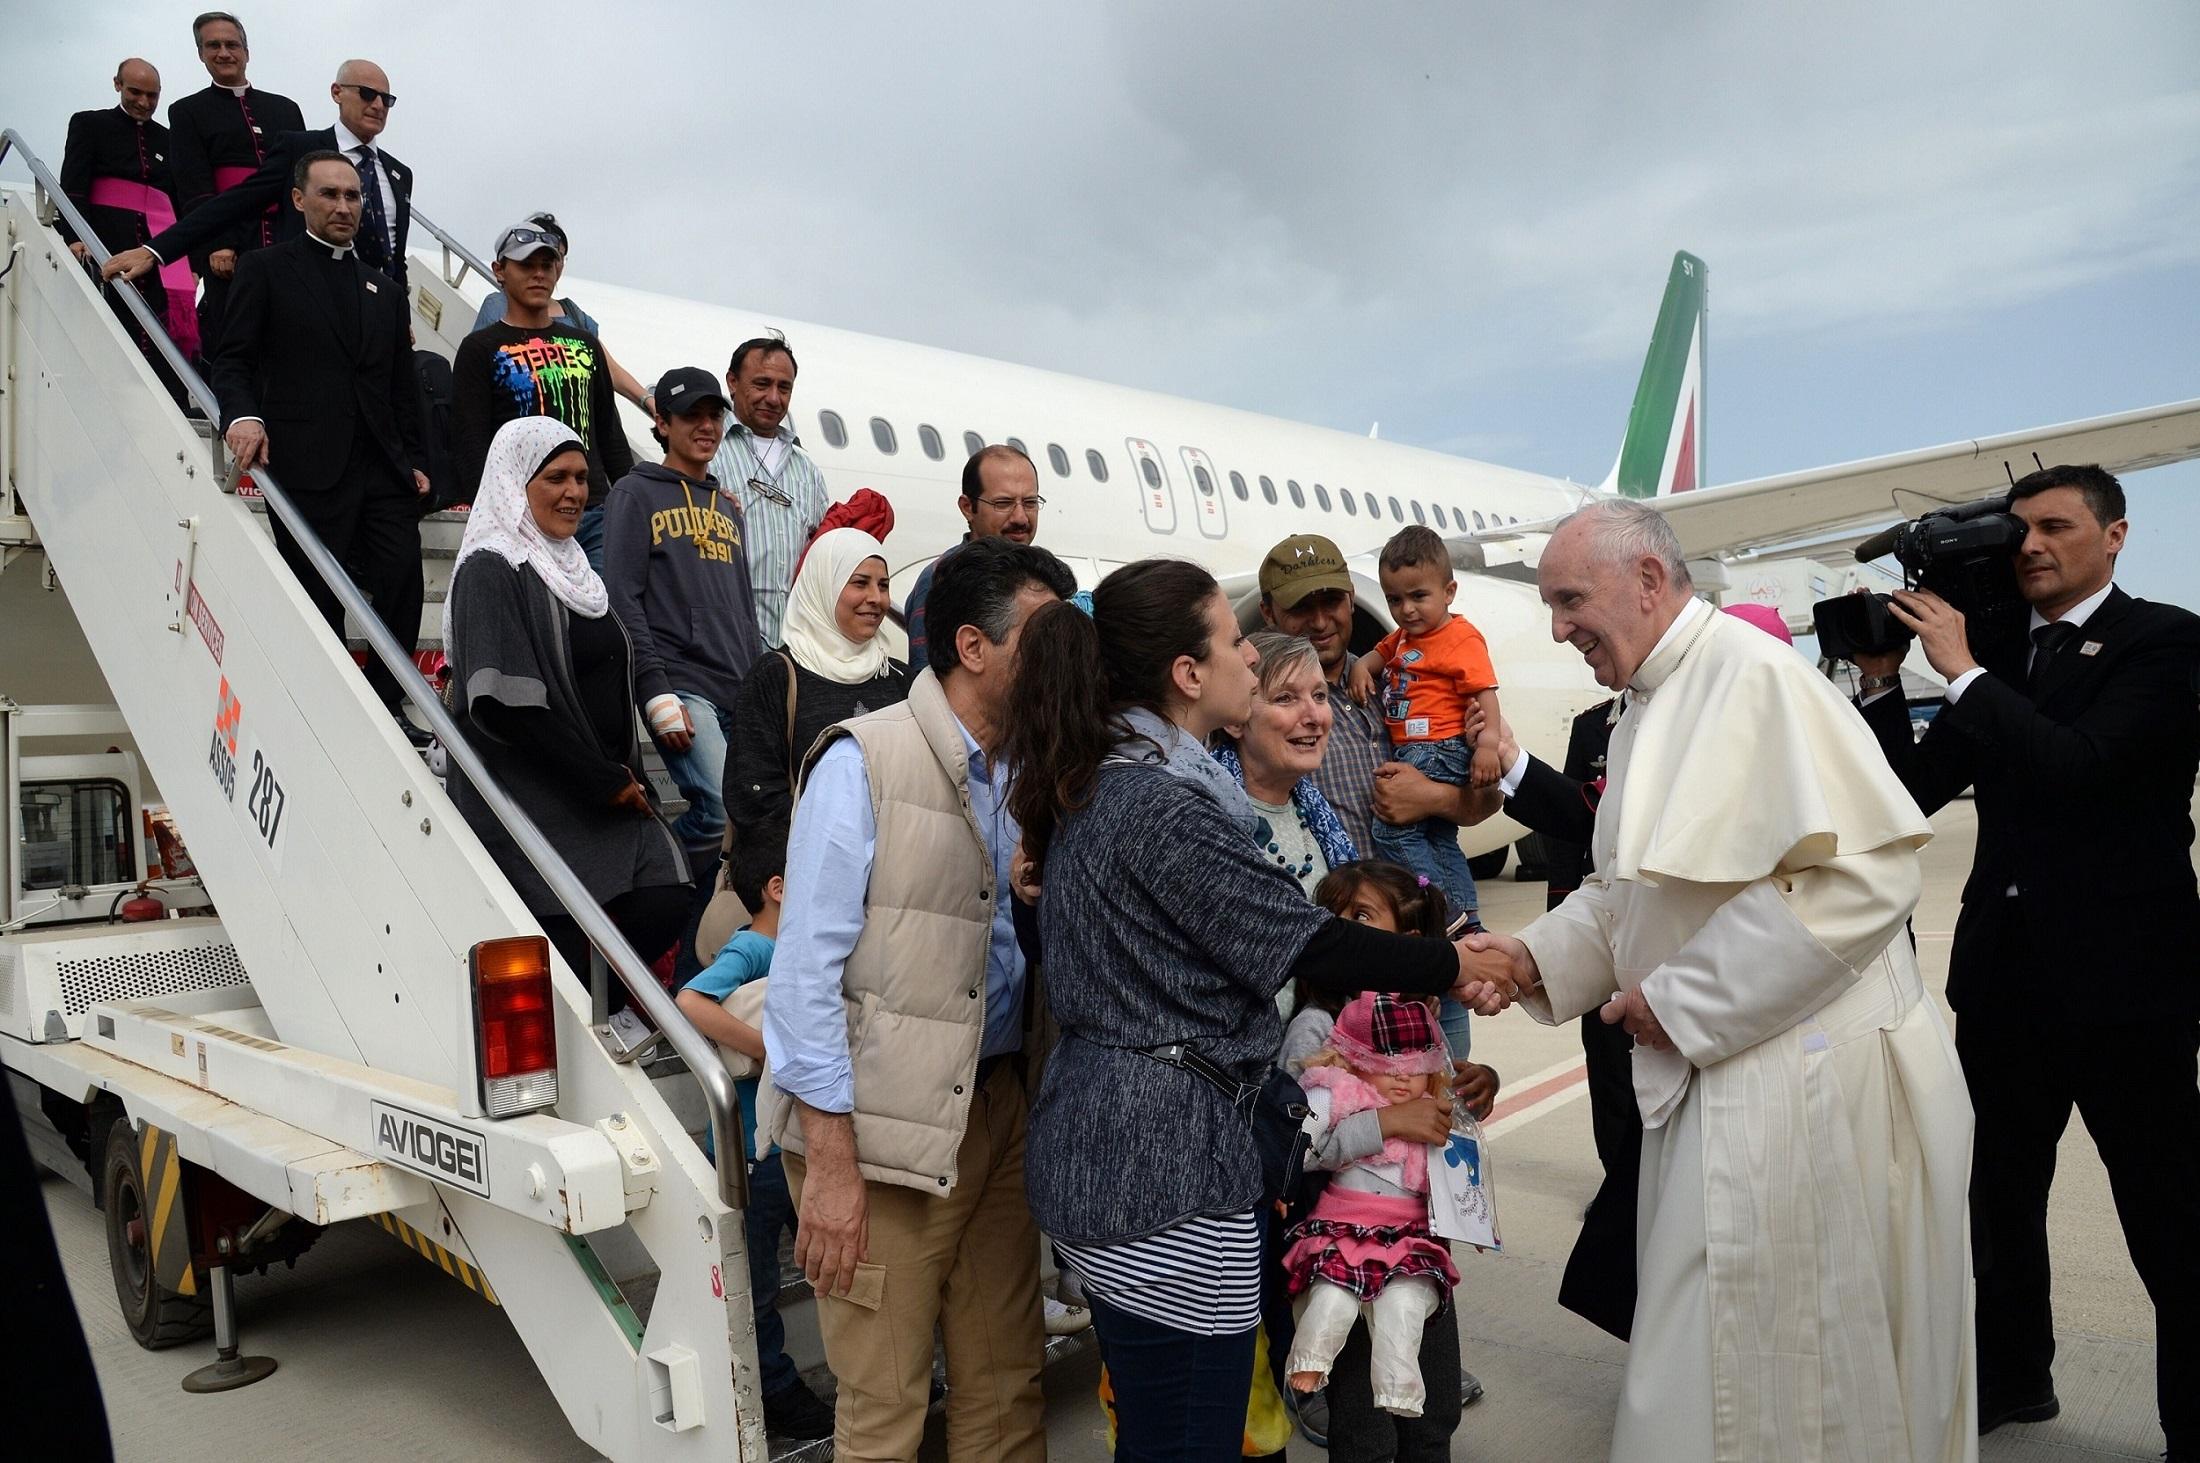 教宗帶12名敘難民返梵蒂岡